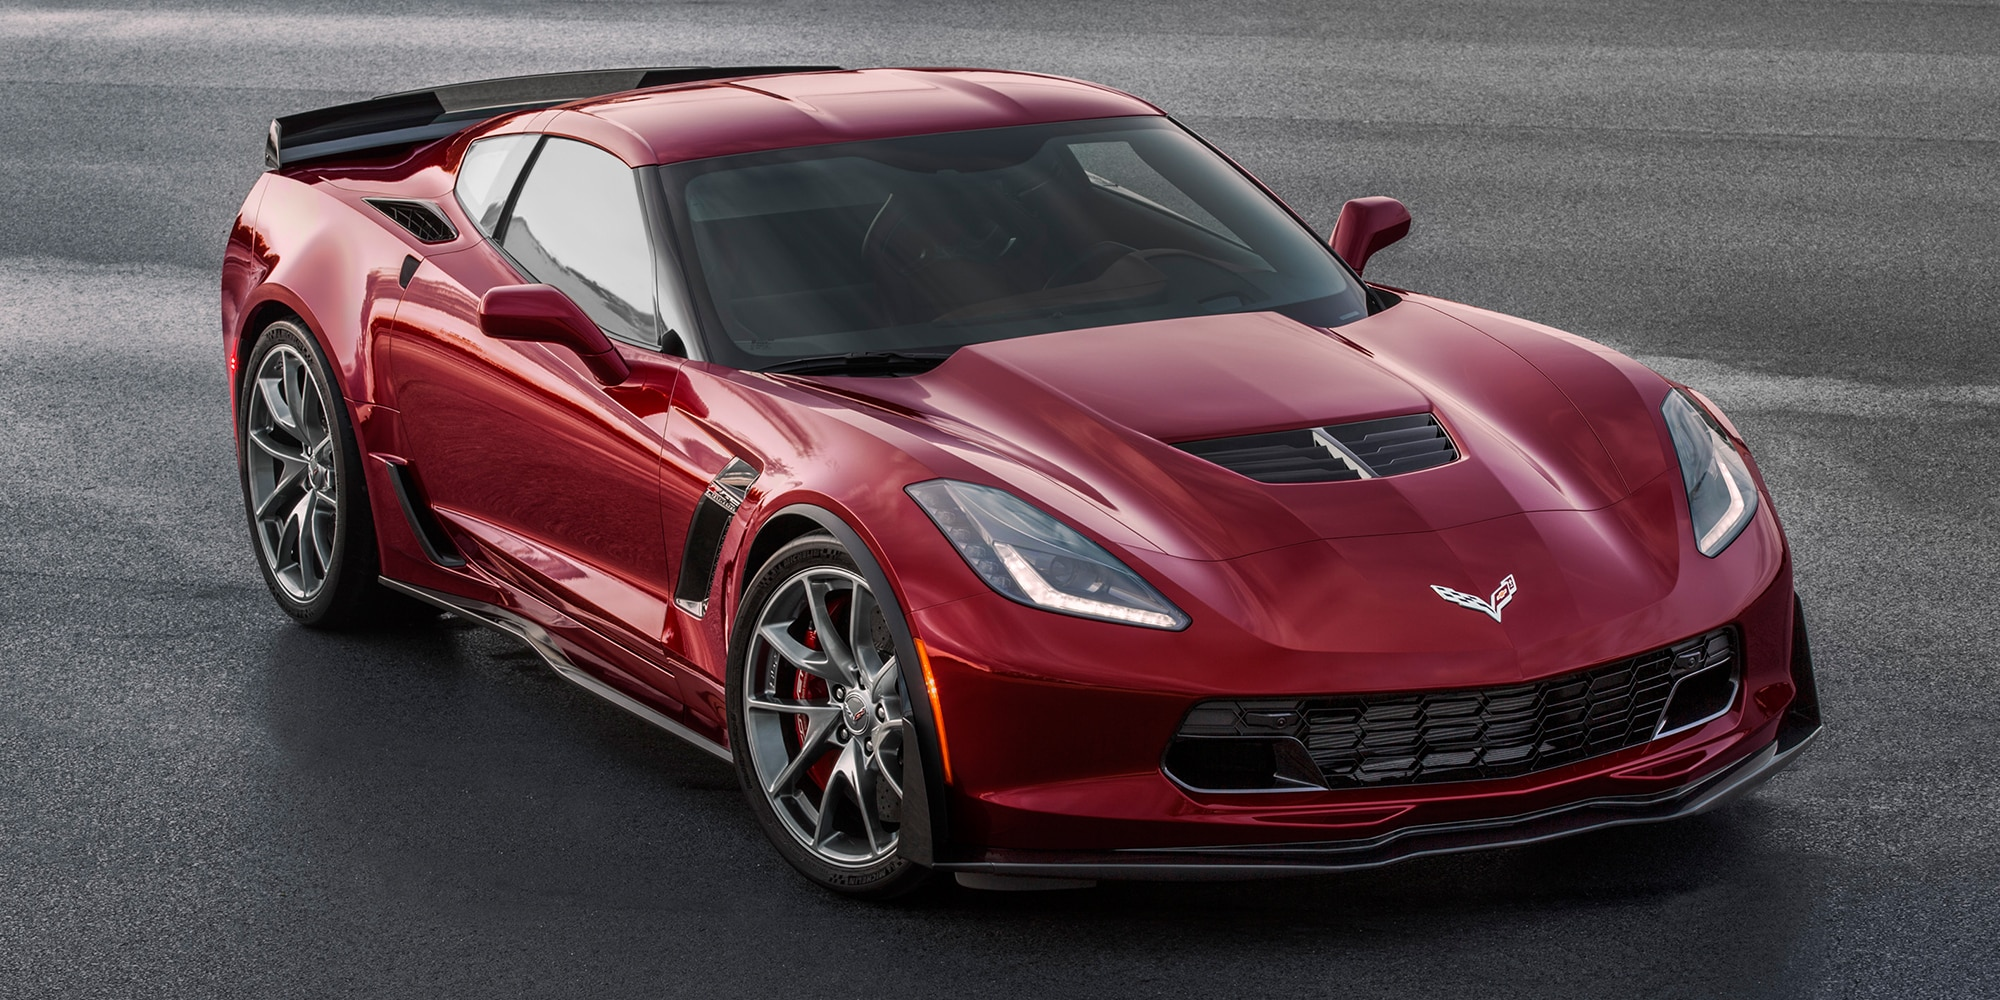 Ediciones especiales de Corvette. Paquete de diseño Rojo Especia